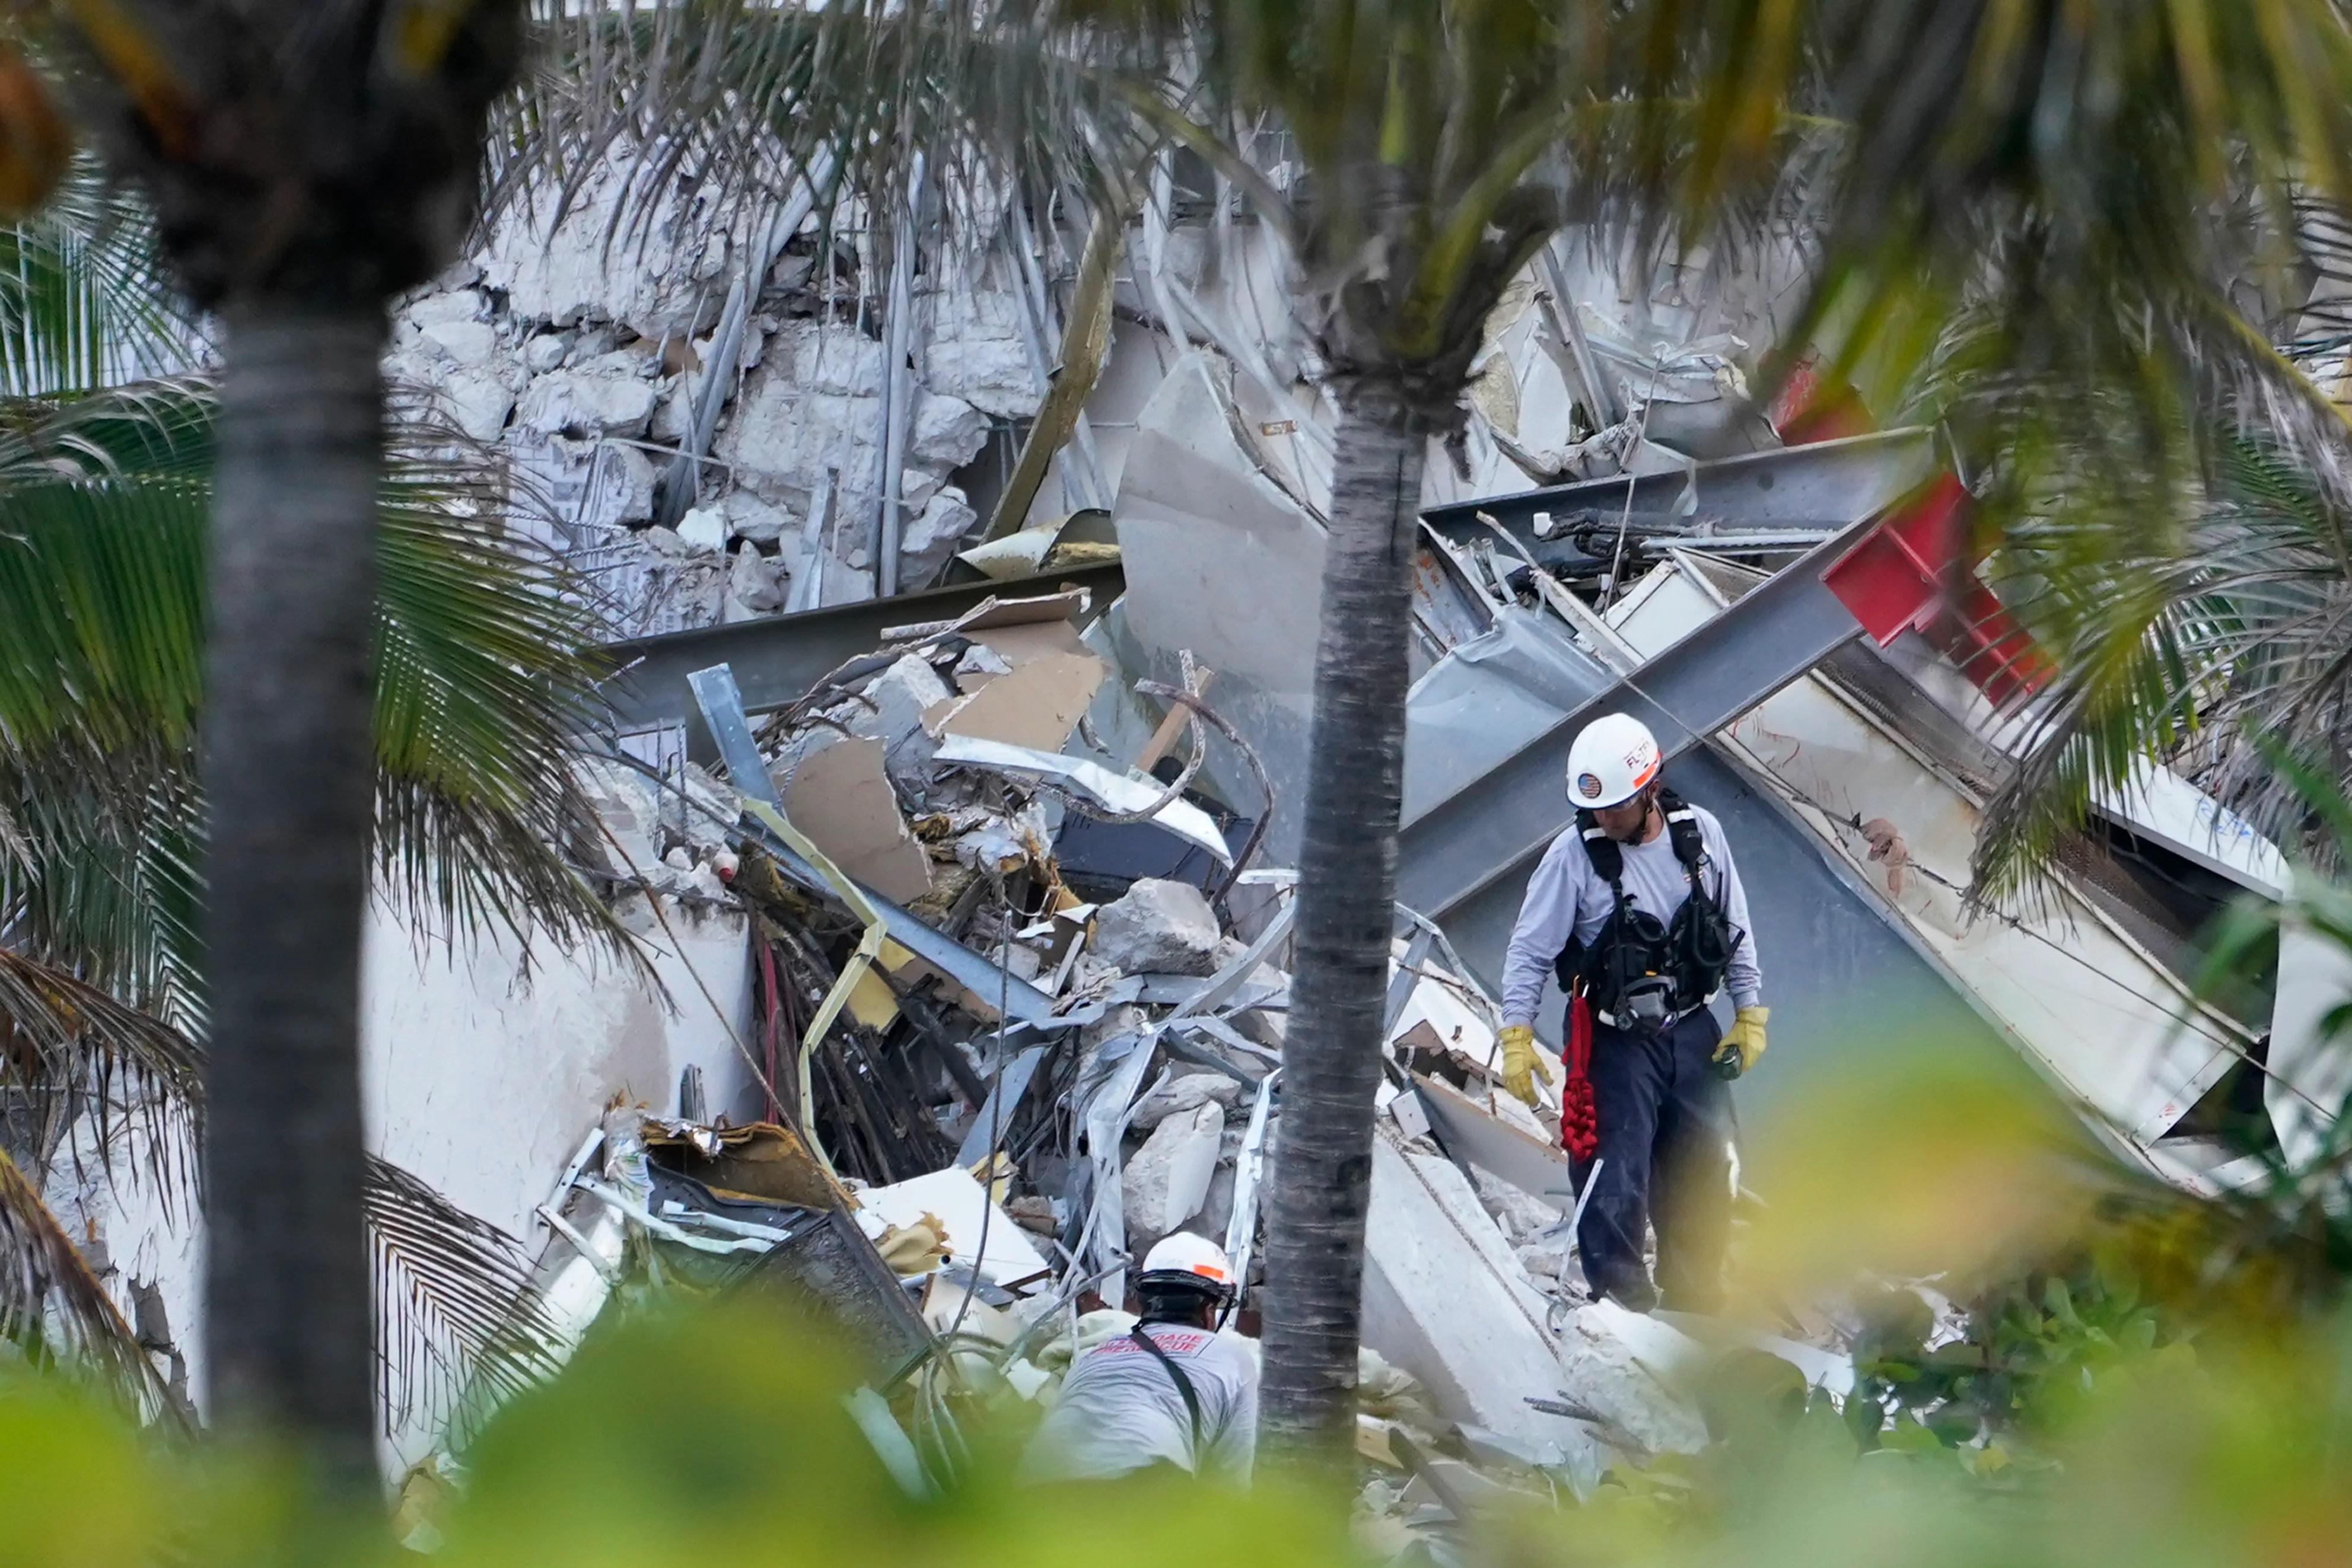 31abaf66 1587 477c 88ec ecfd90f7d9e0 AP Building Collapse Miami.2